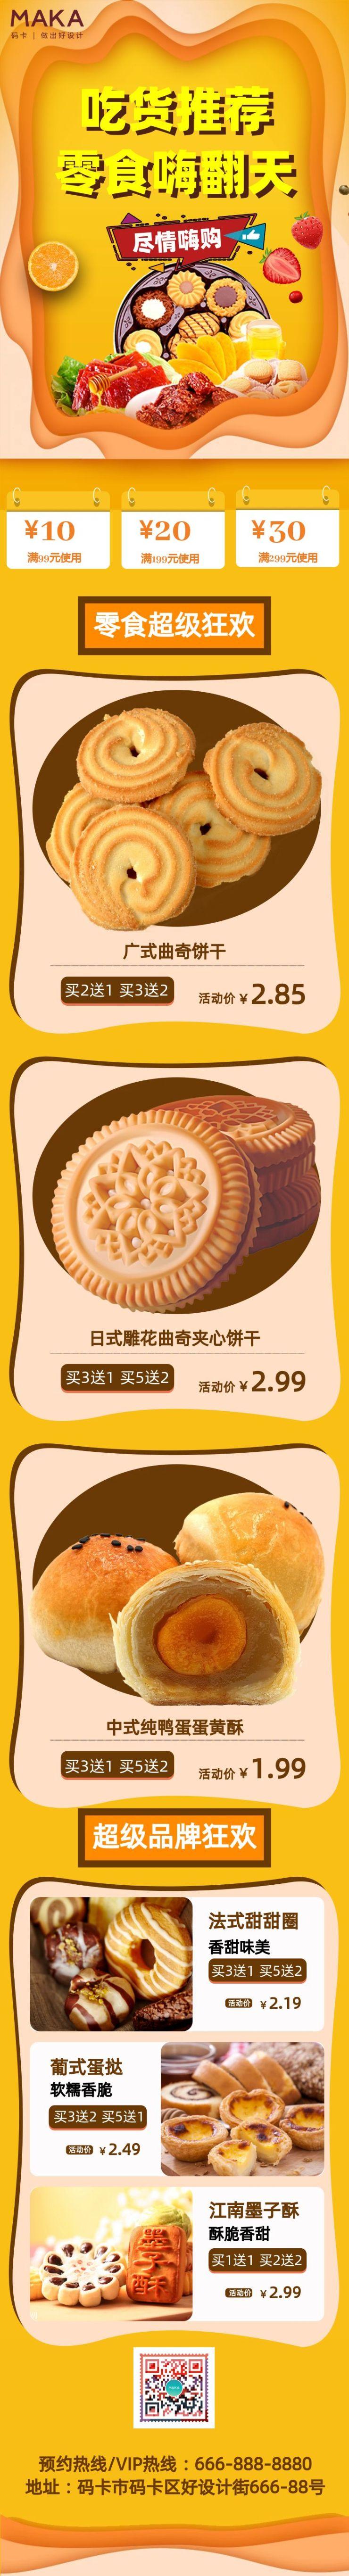 黄色零食店产品促销详情页